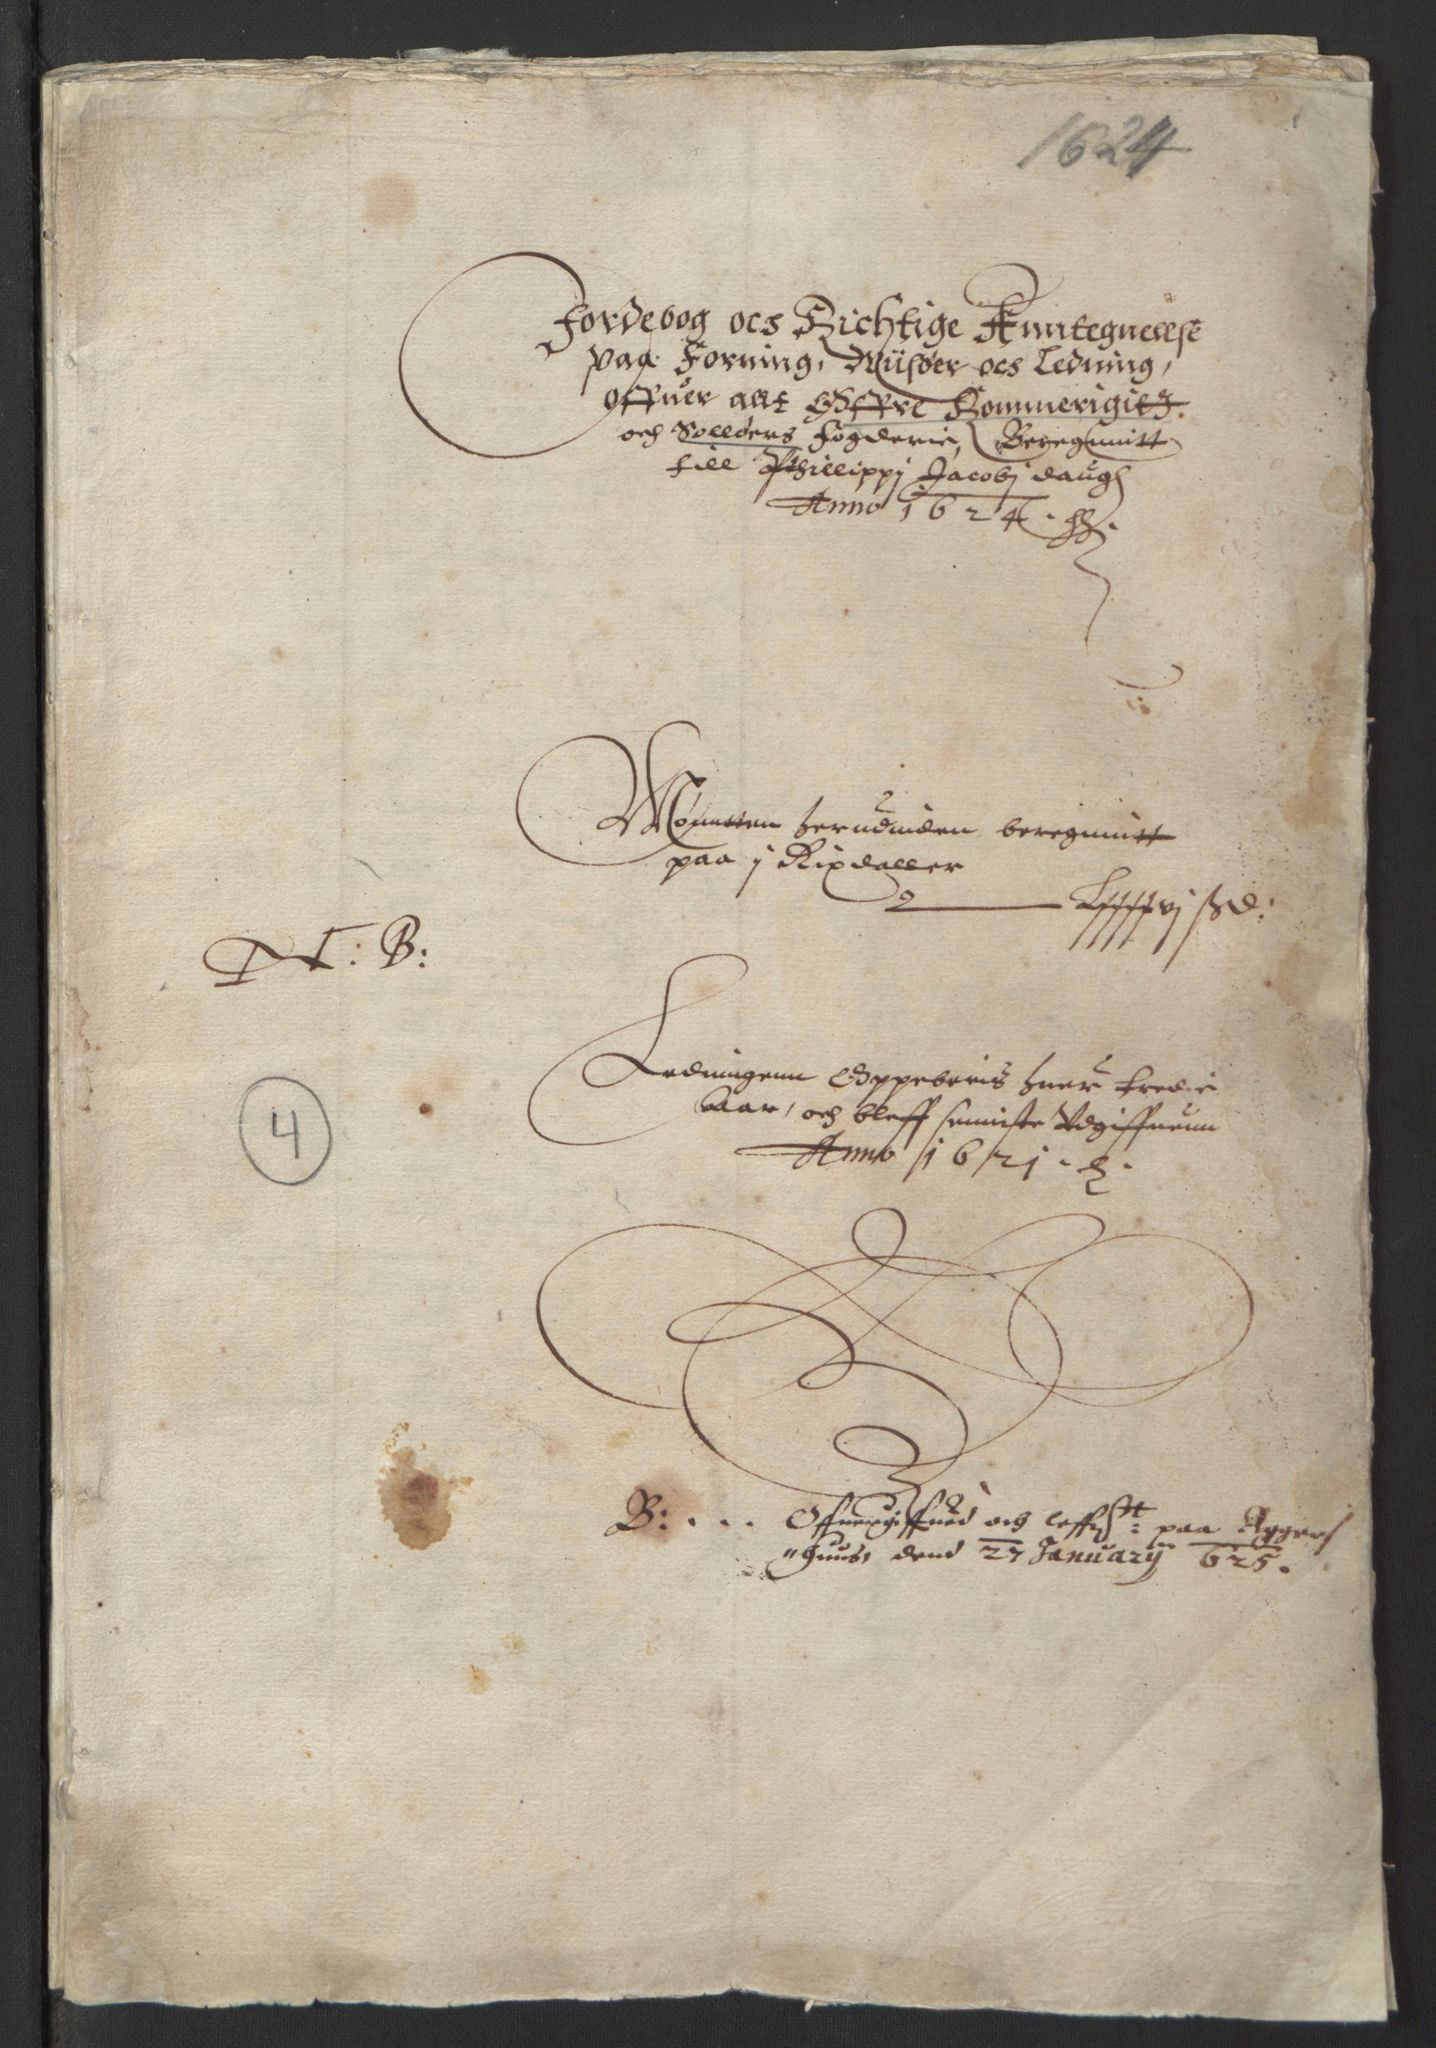 RA, Stattholderembetet 1572-1771, Ek/L0001: Jordebøker før 1624 og til utligning av garnisonsskatt 1624-1626:, 1624-1625, s. 98